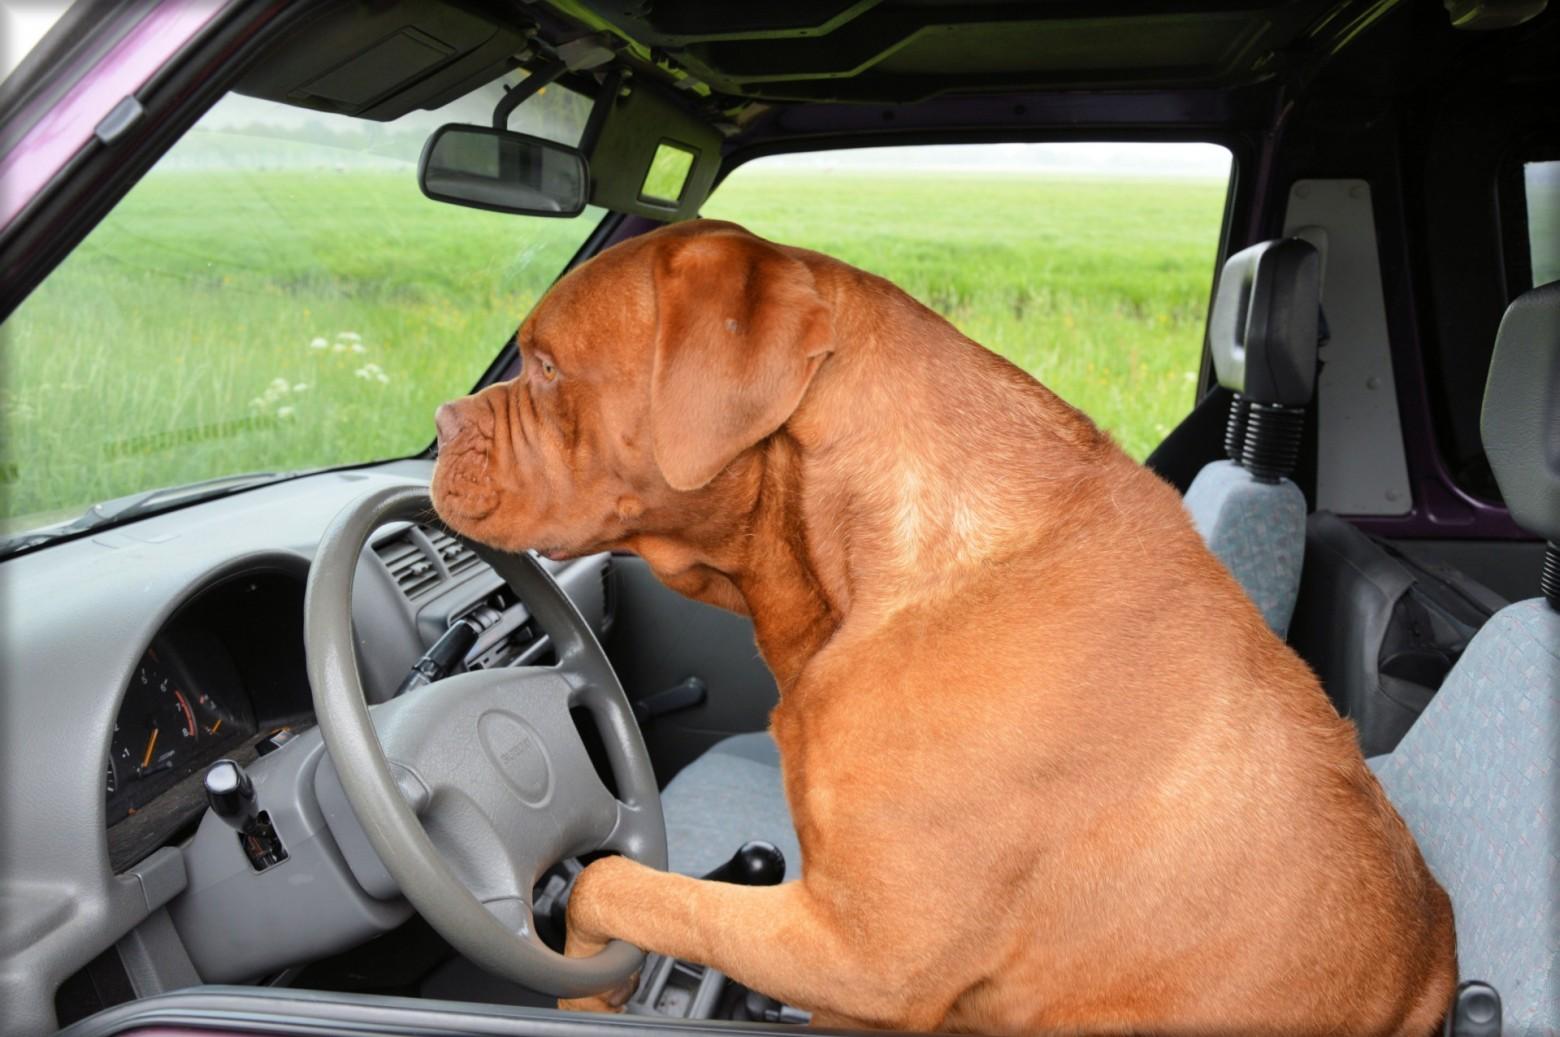 Chien Volant chien au volant d' une voiture | images gratuites et libres de droits